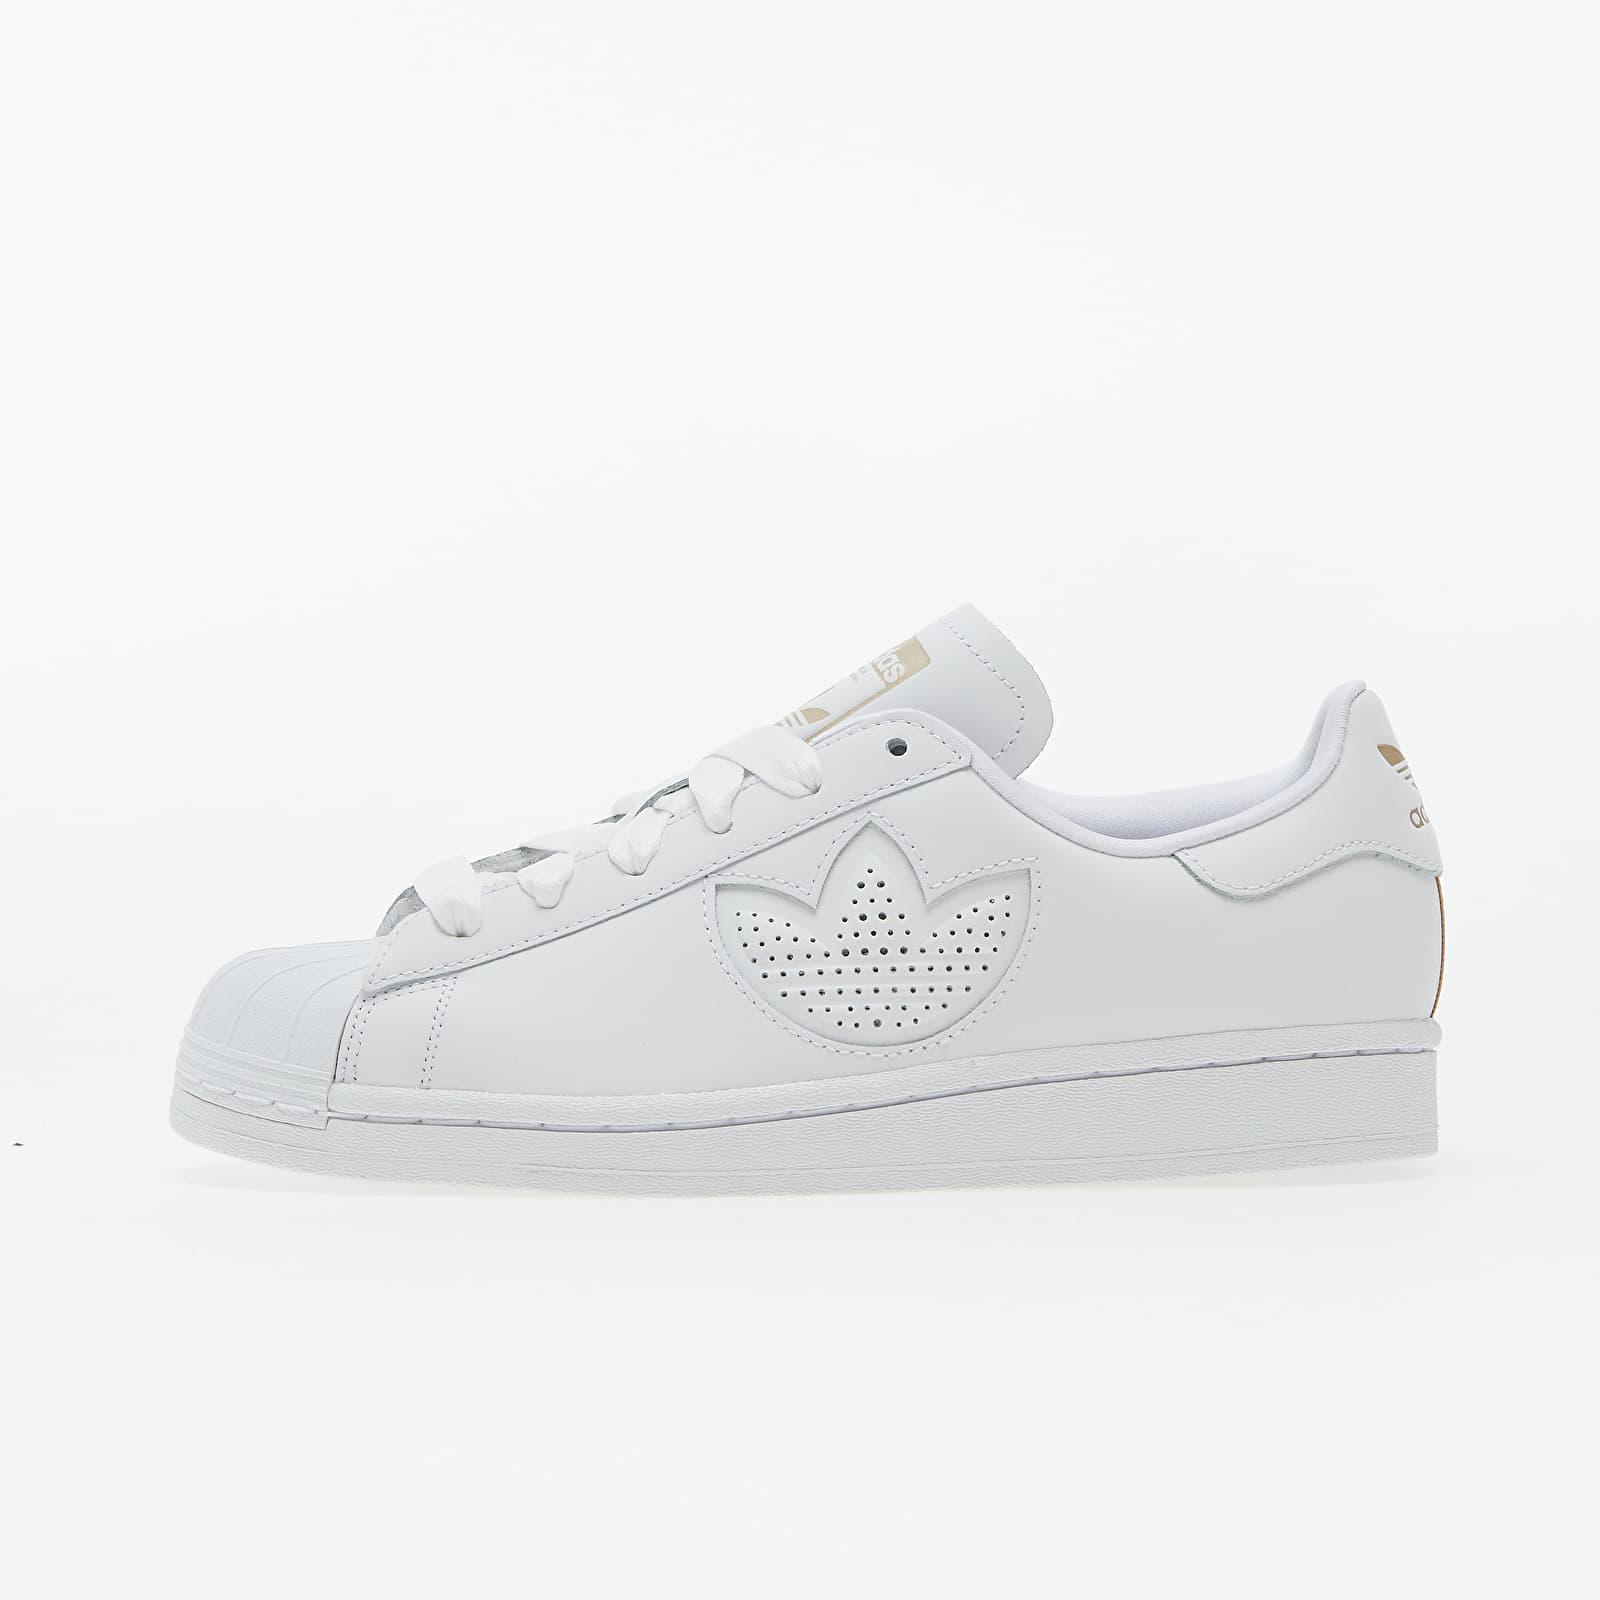 adidas Superstar W Ftw White/ Haze Copper/ Ftw White G55519